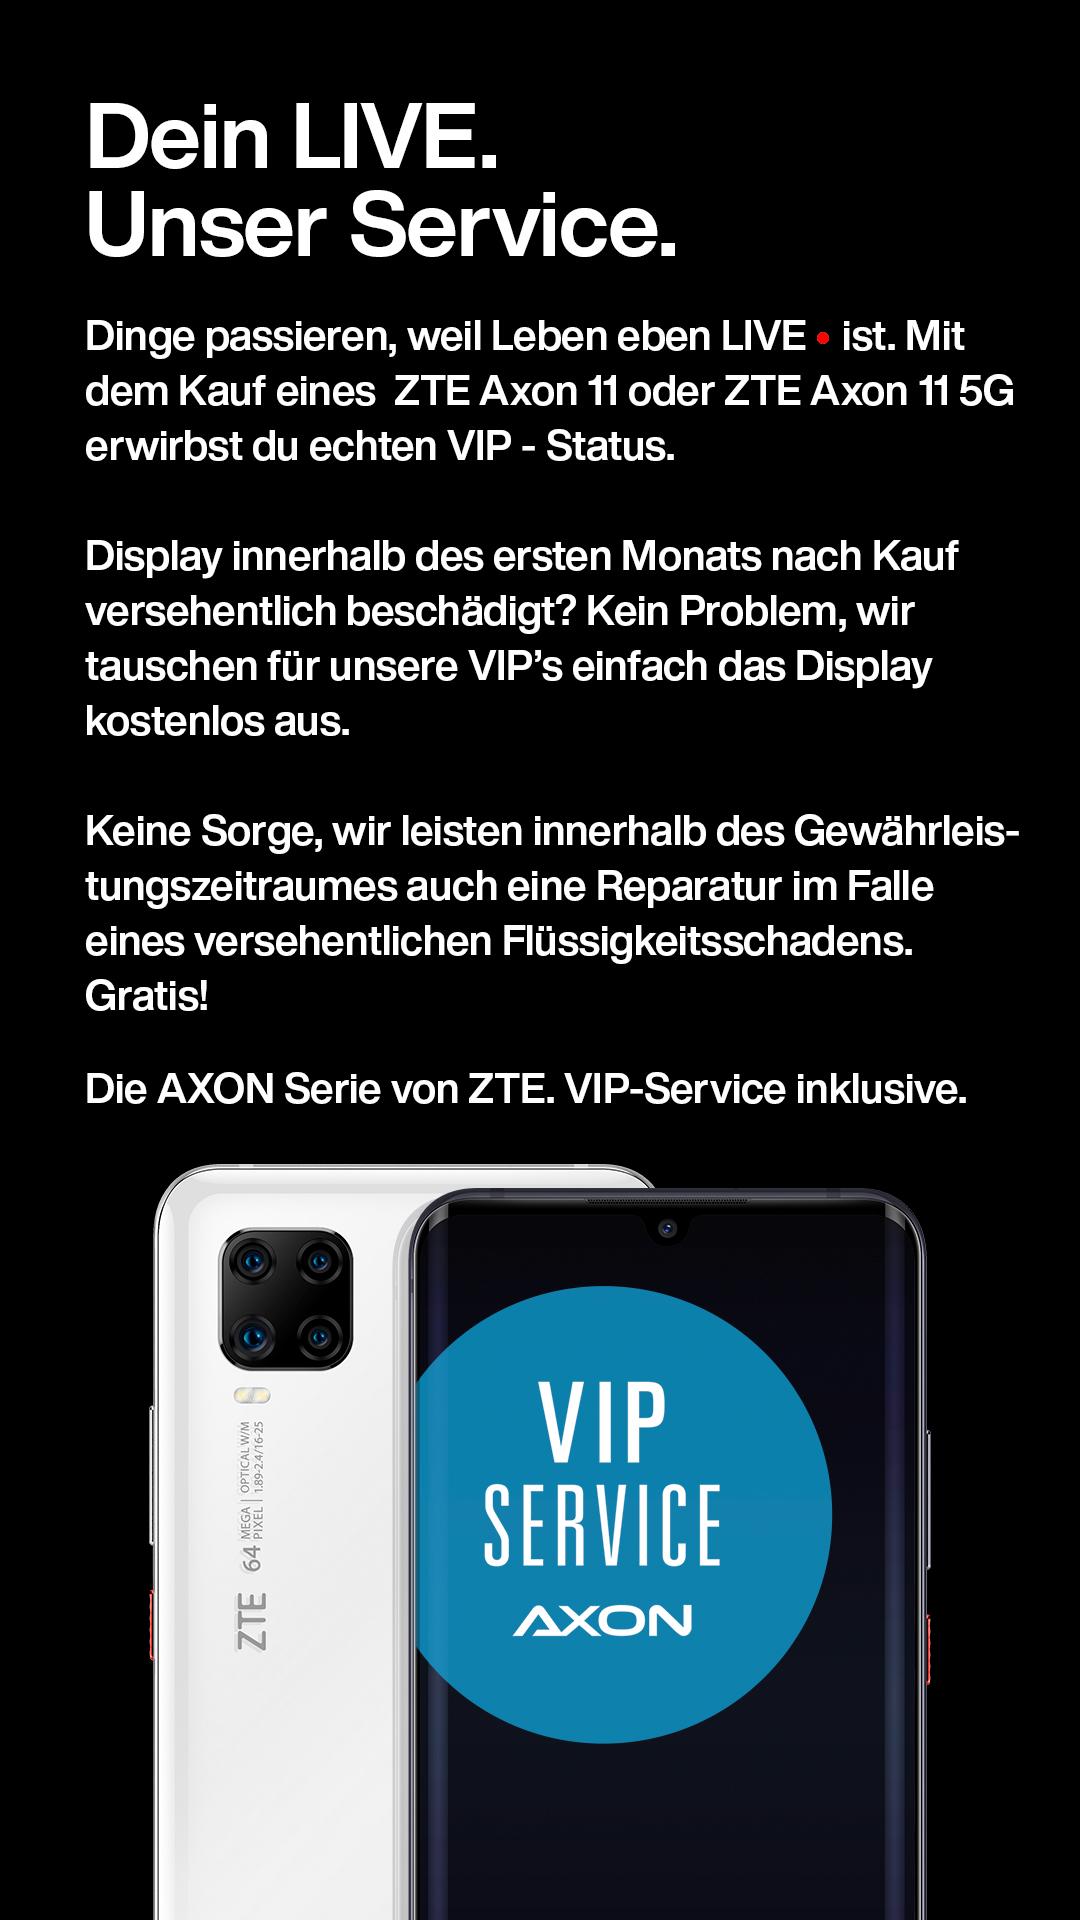 Axon Smartphones mit VIP-Service und Garantie responsiv